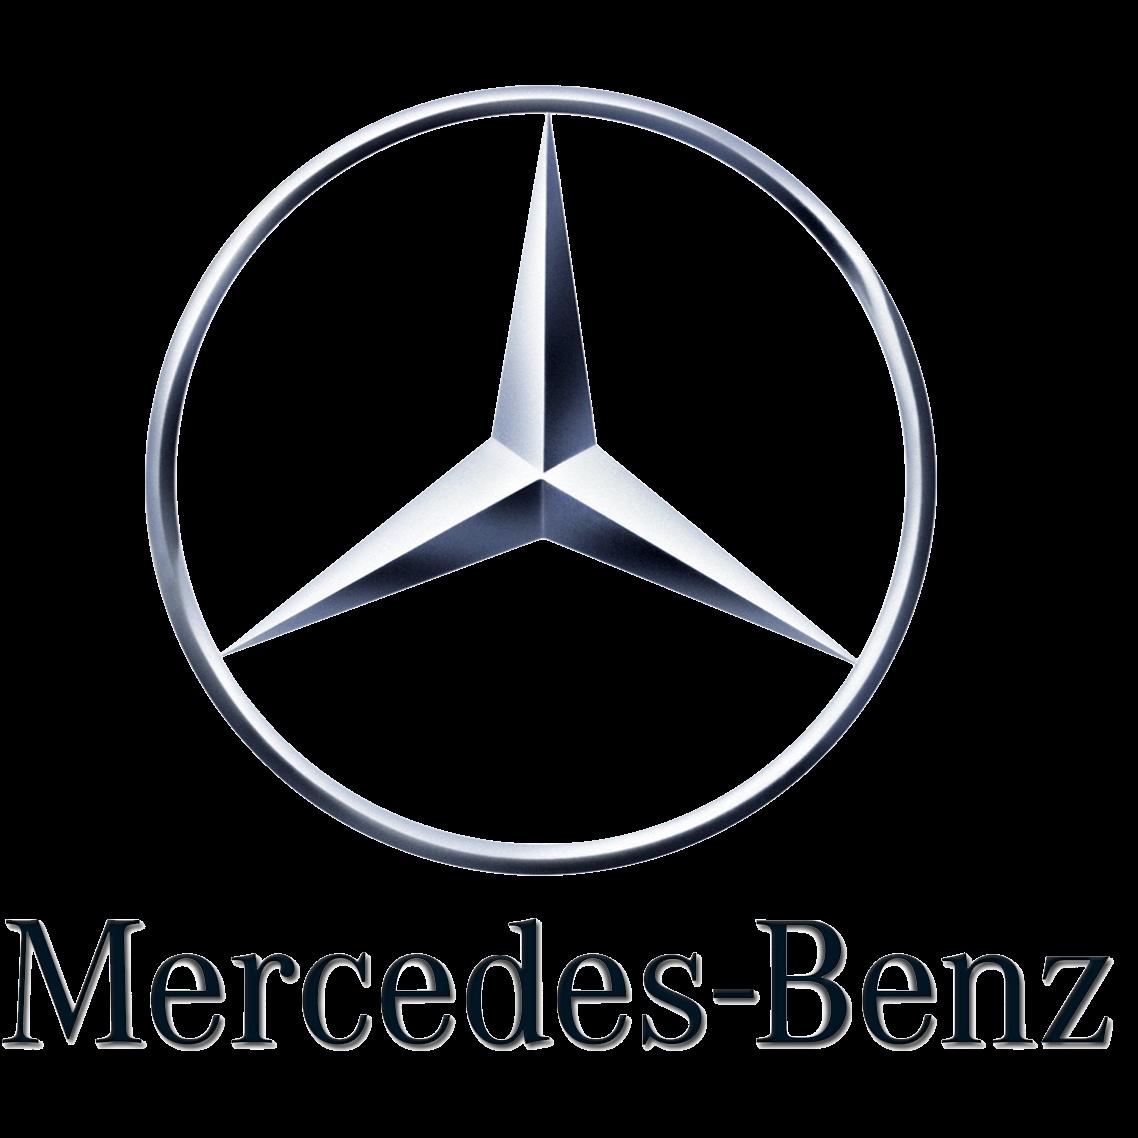 mercedes logos png images free download rh pngimg com mercedes benz logo stickers mercedes benz logistics jobs